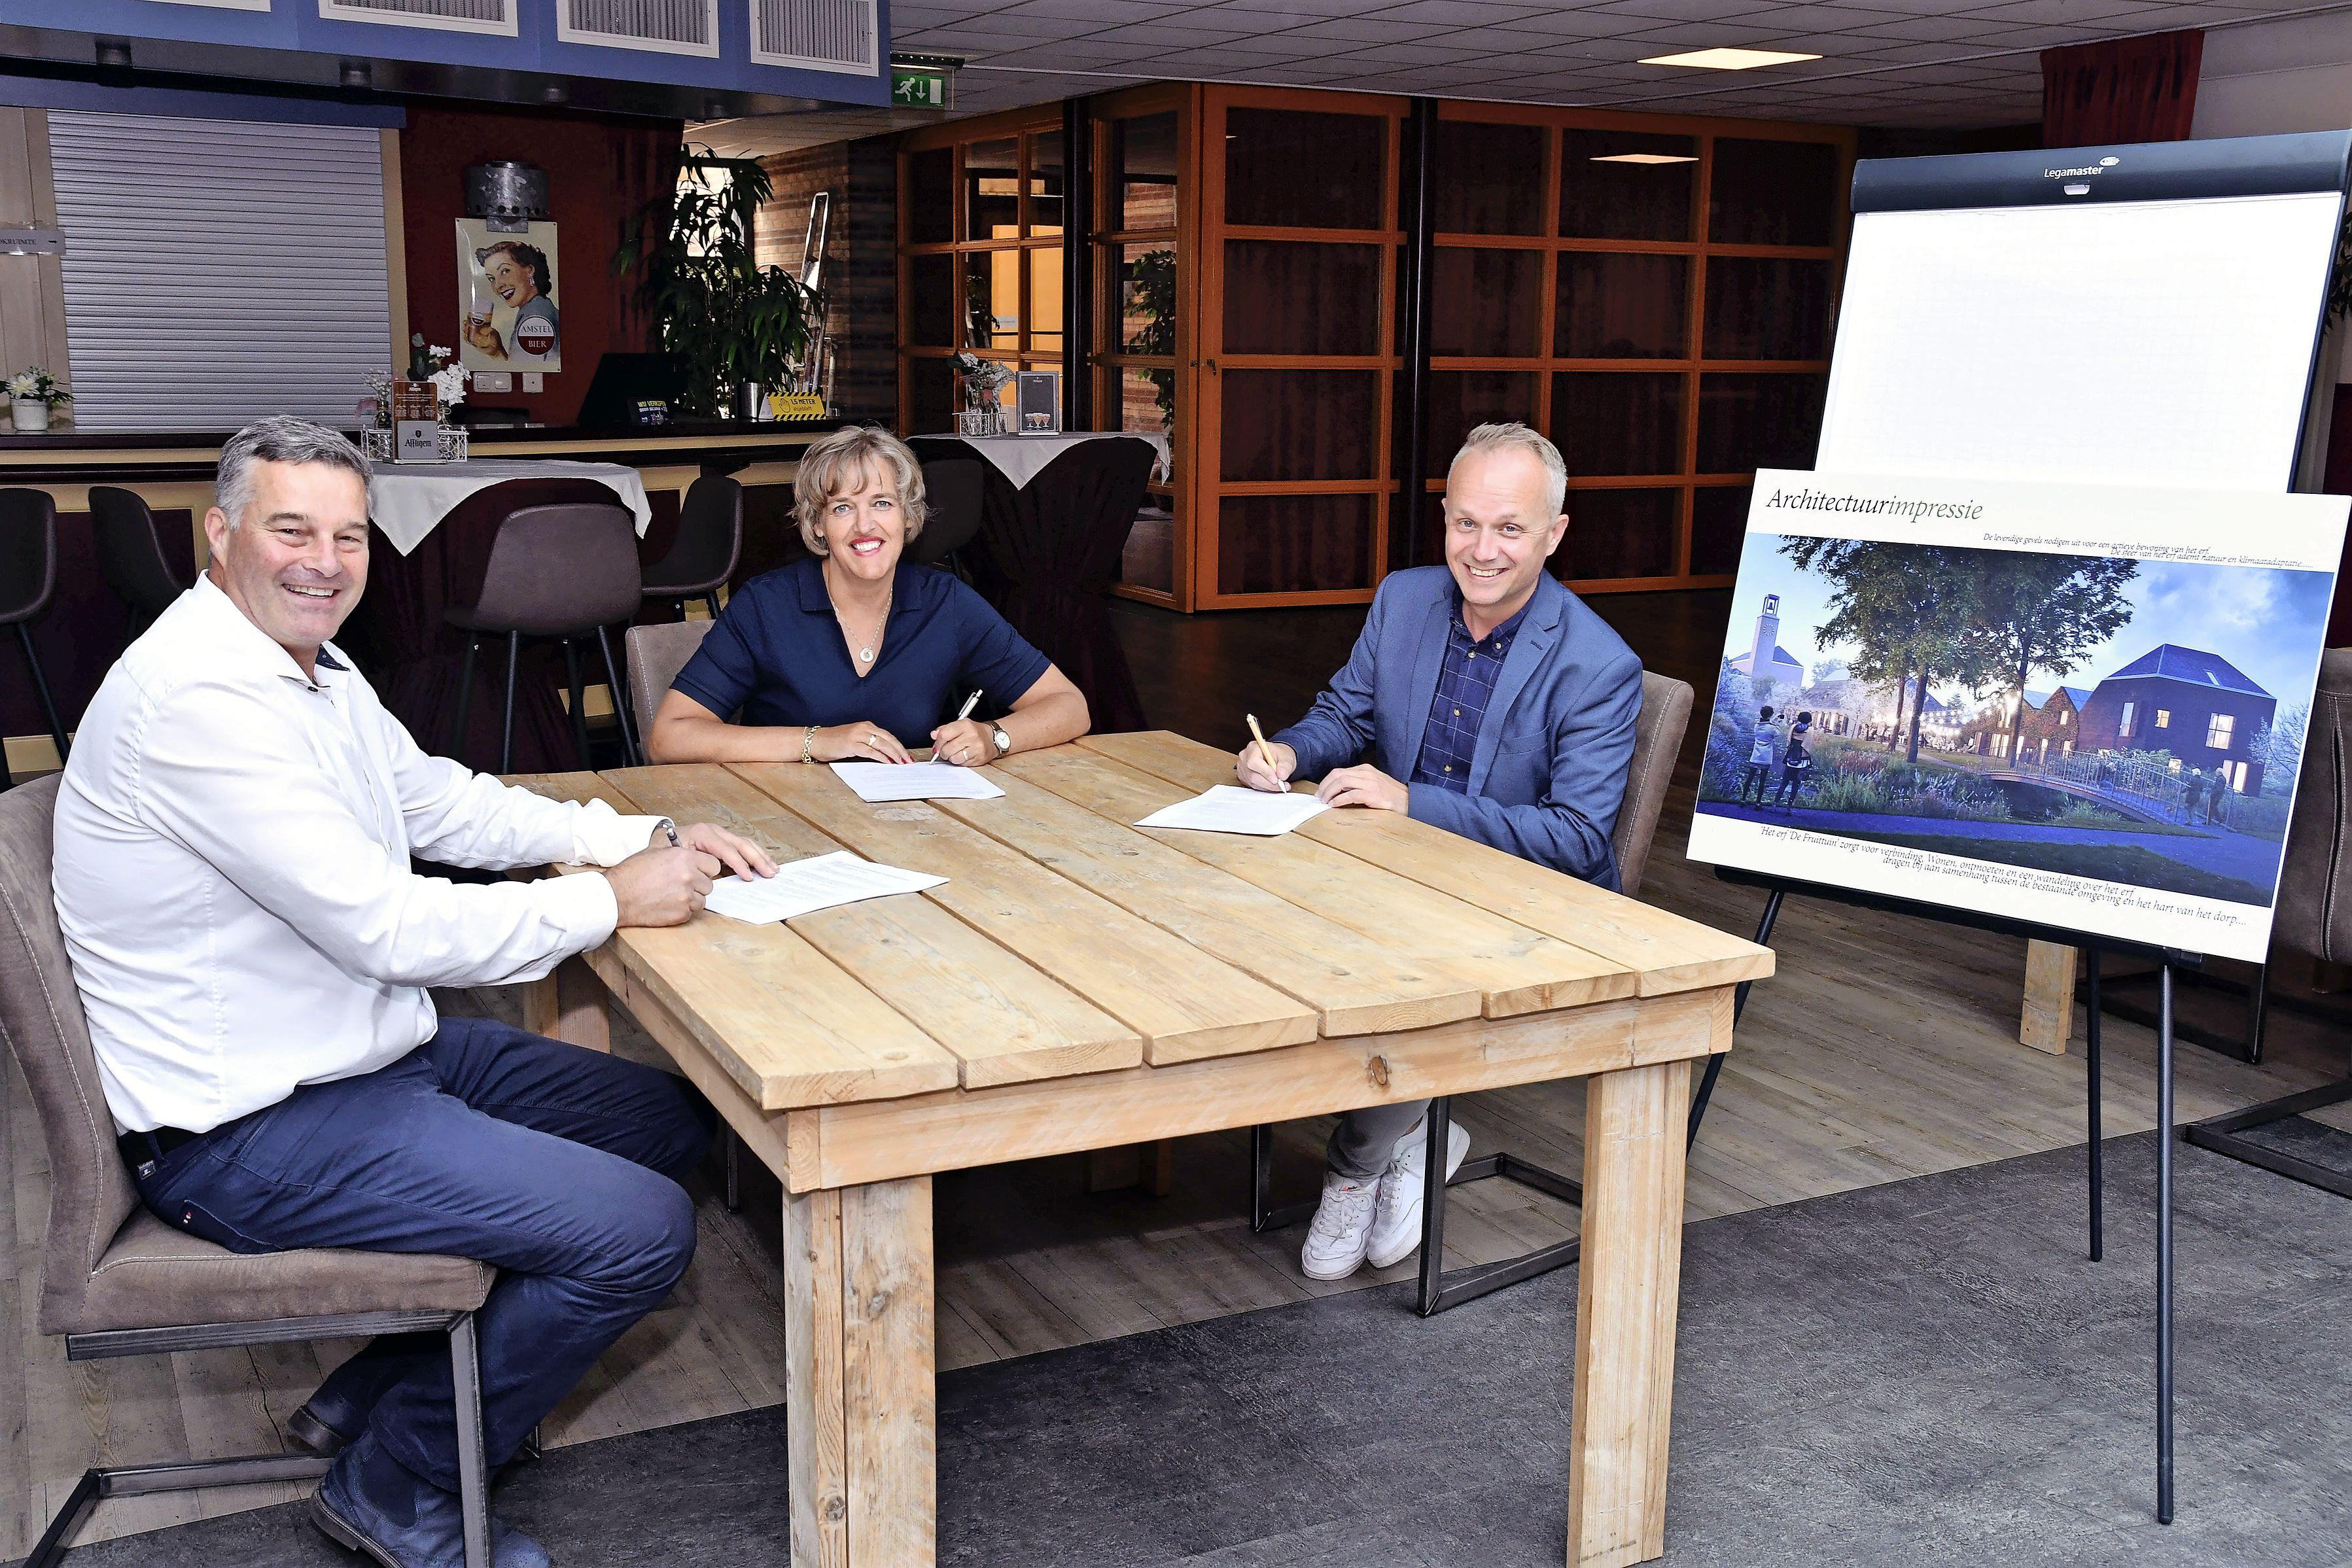 Bouwplan in de maak voor 16 nieuwe huizen in Venhuizen